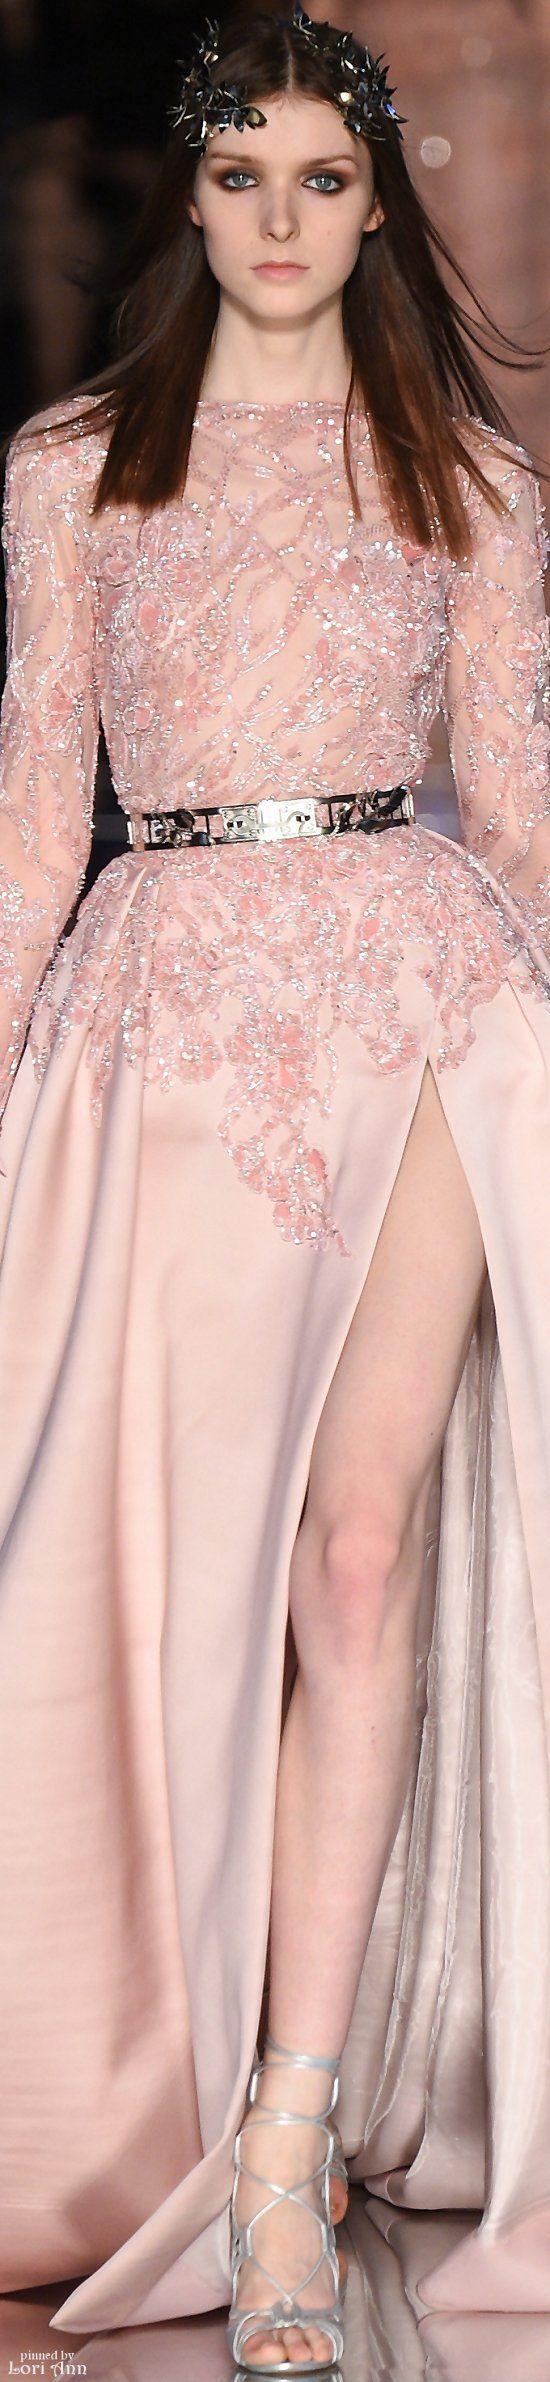 37 best Wedding Dresses images on Pinterest   Wedding frocks, Brides ...